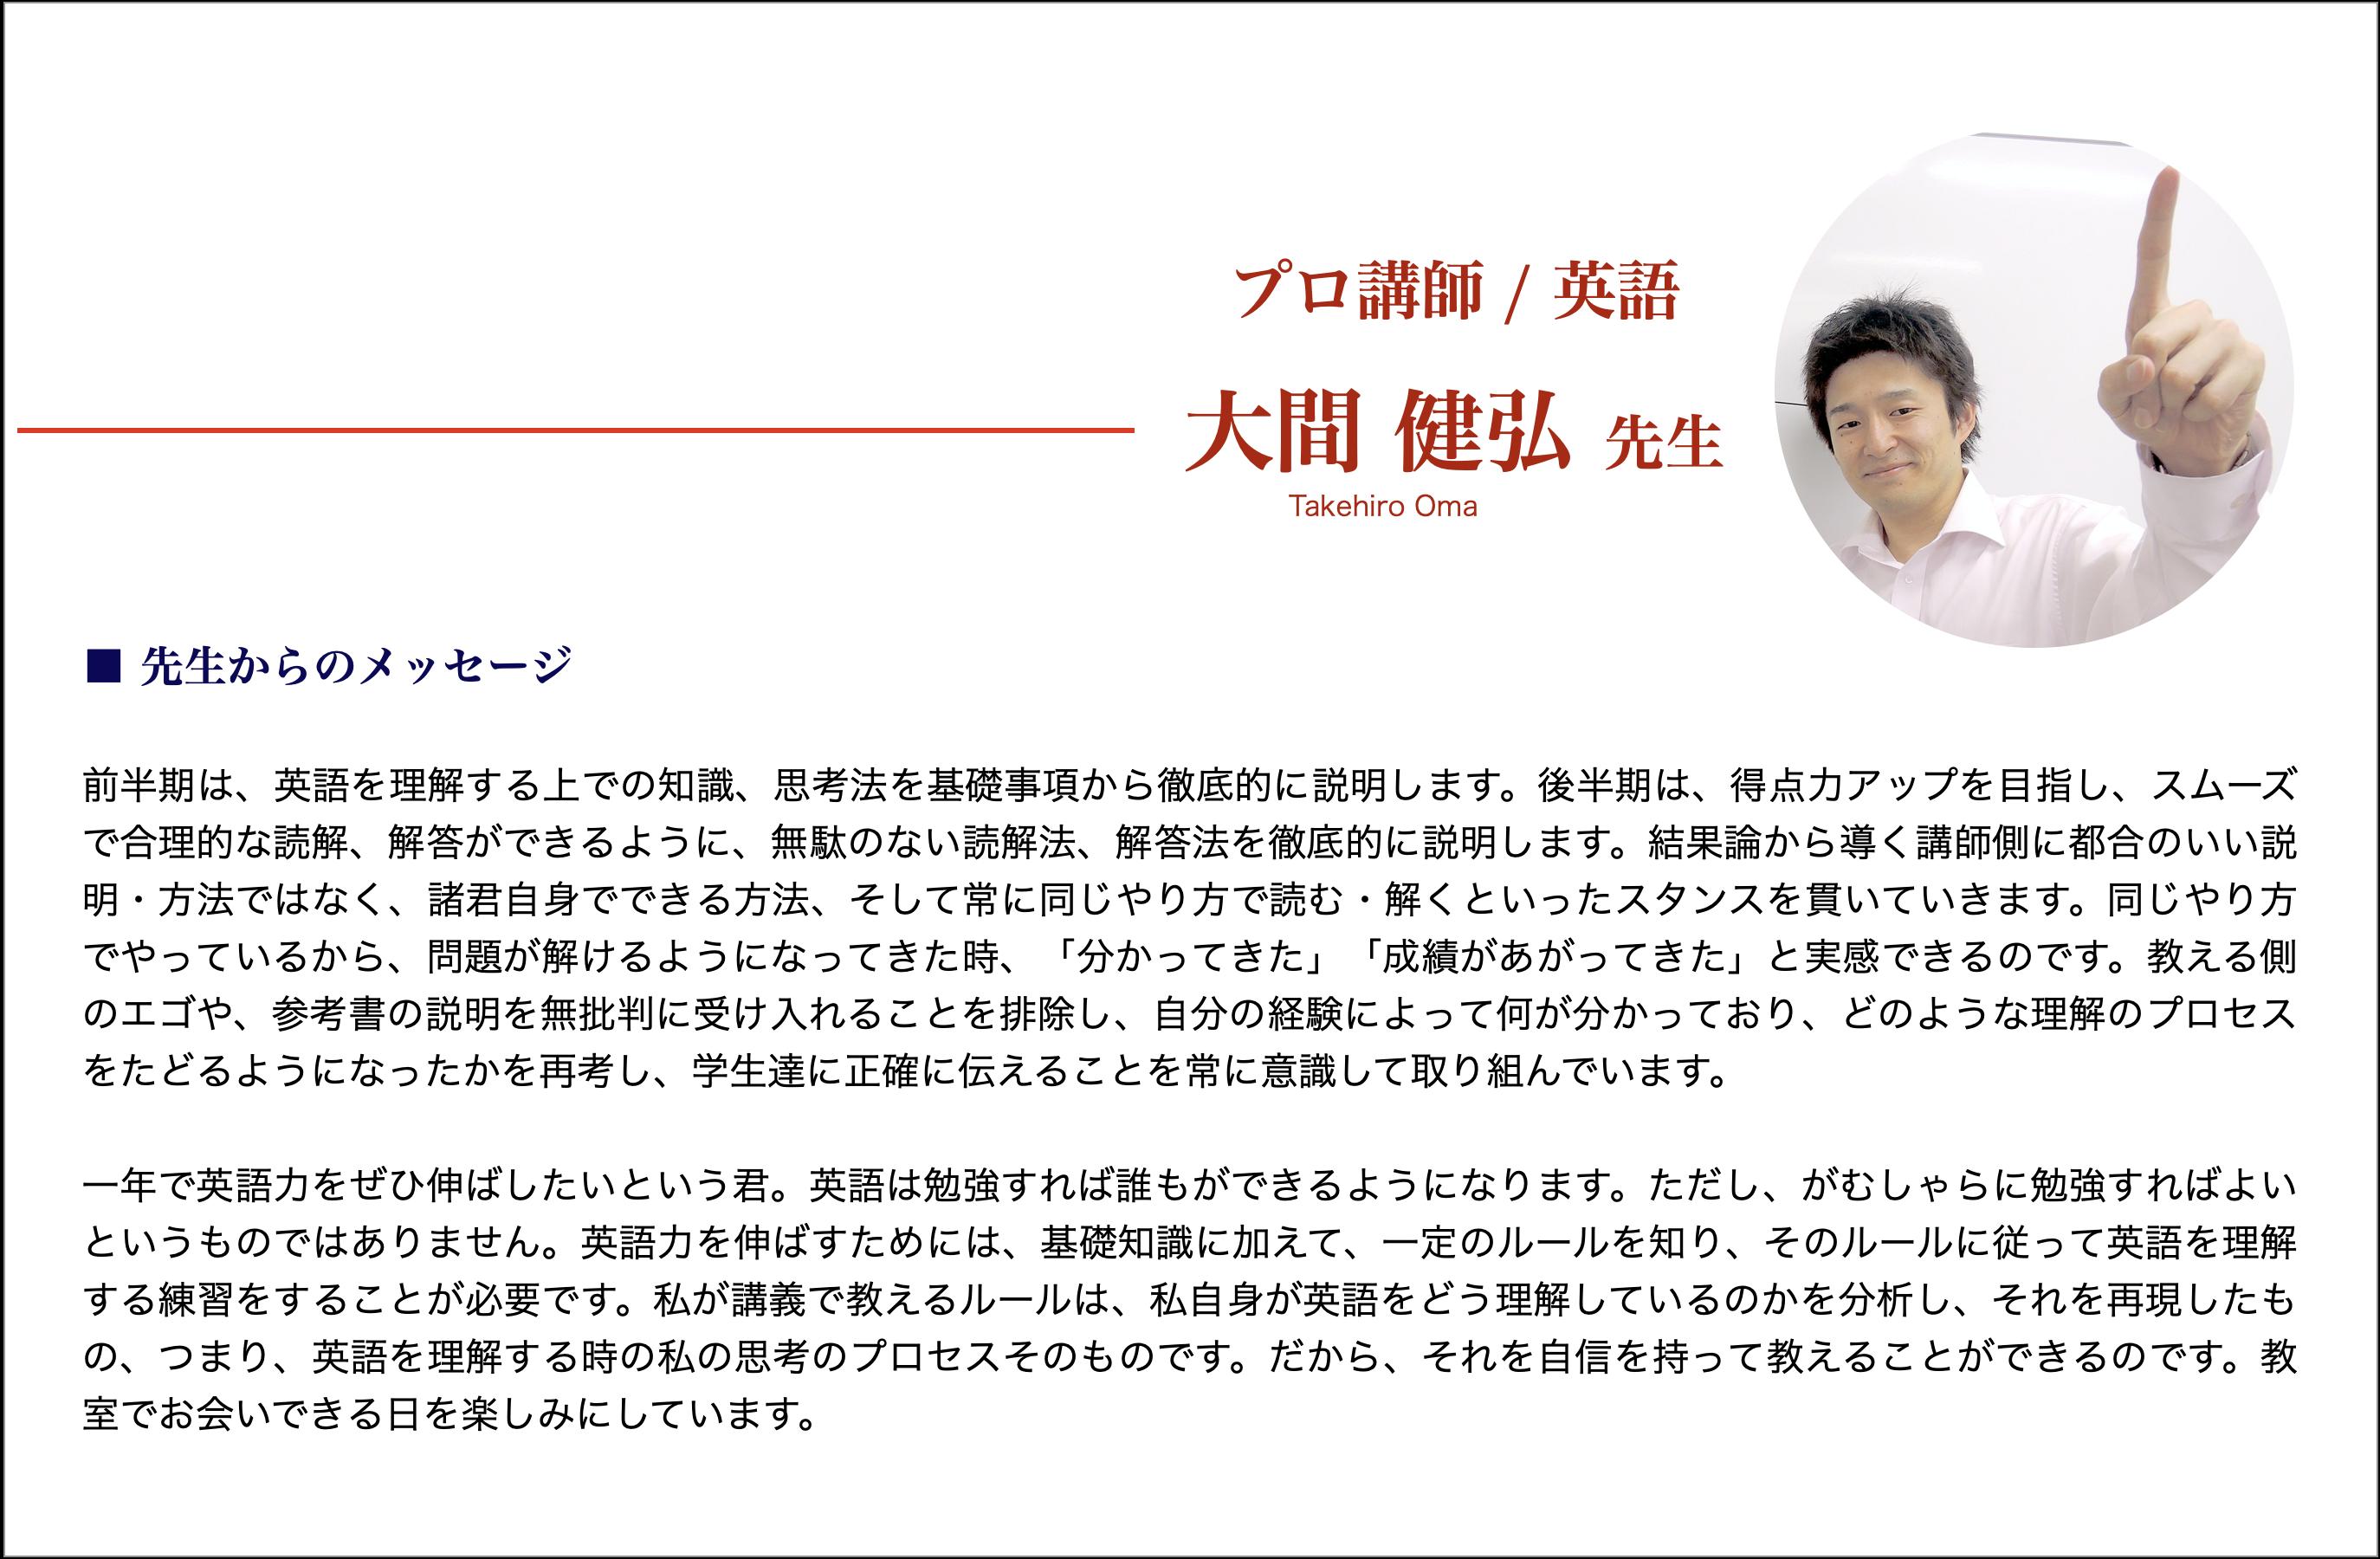 逆大間 健弘 先生